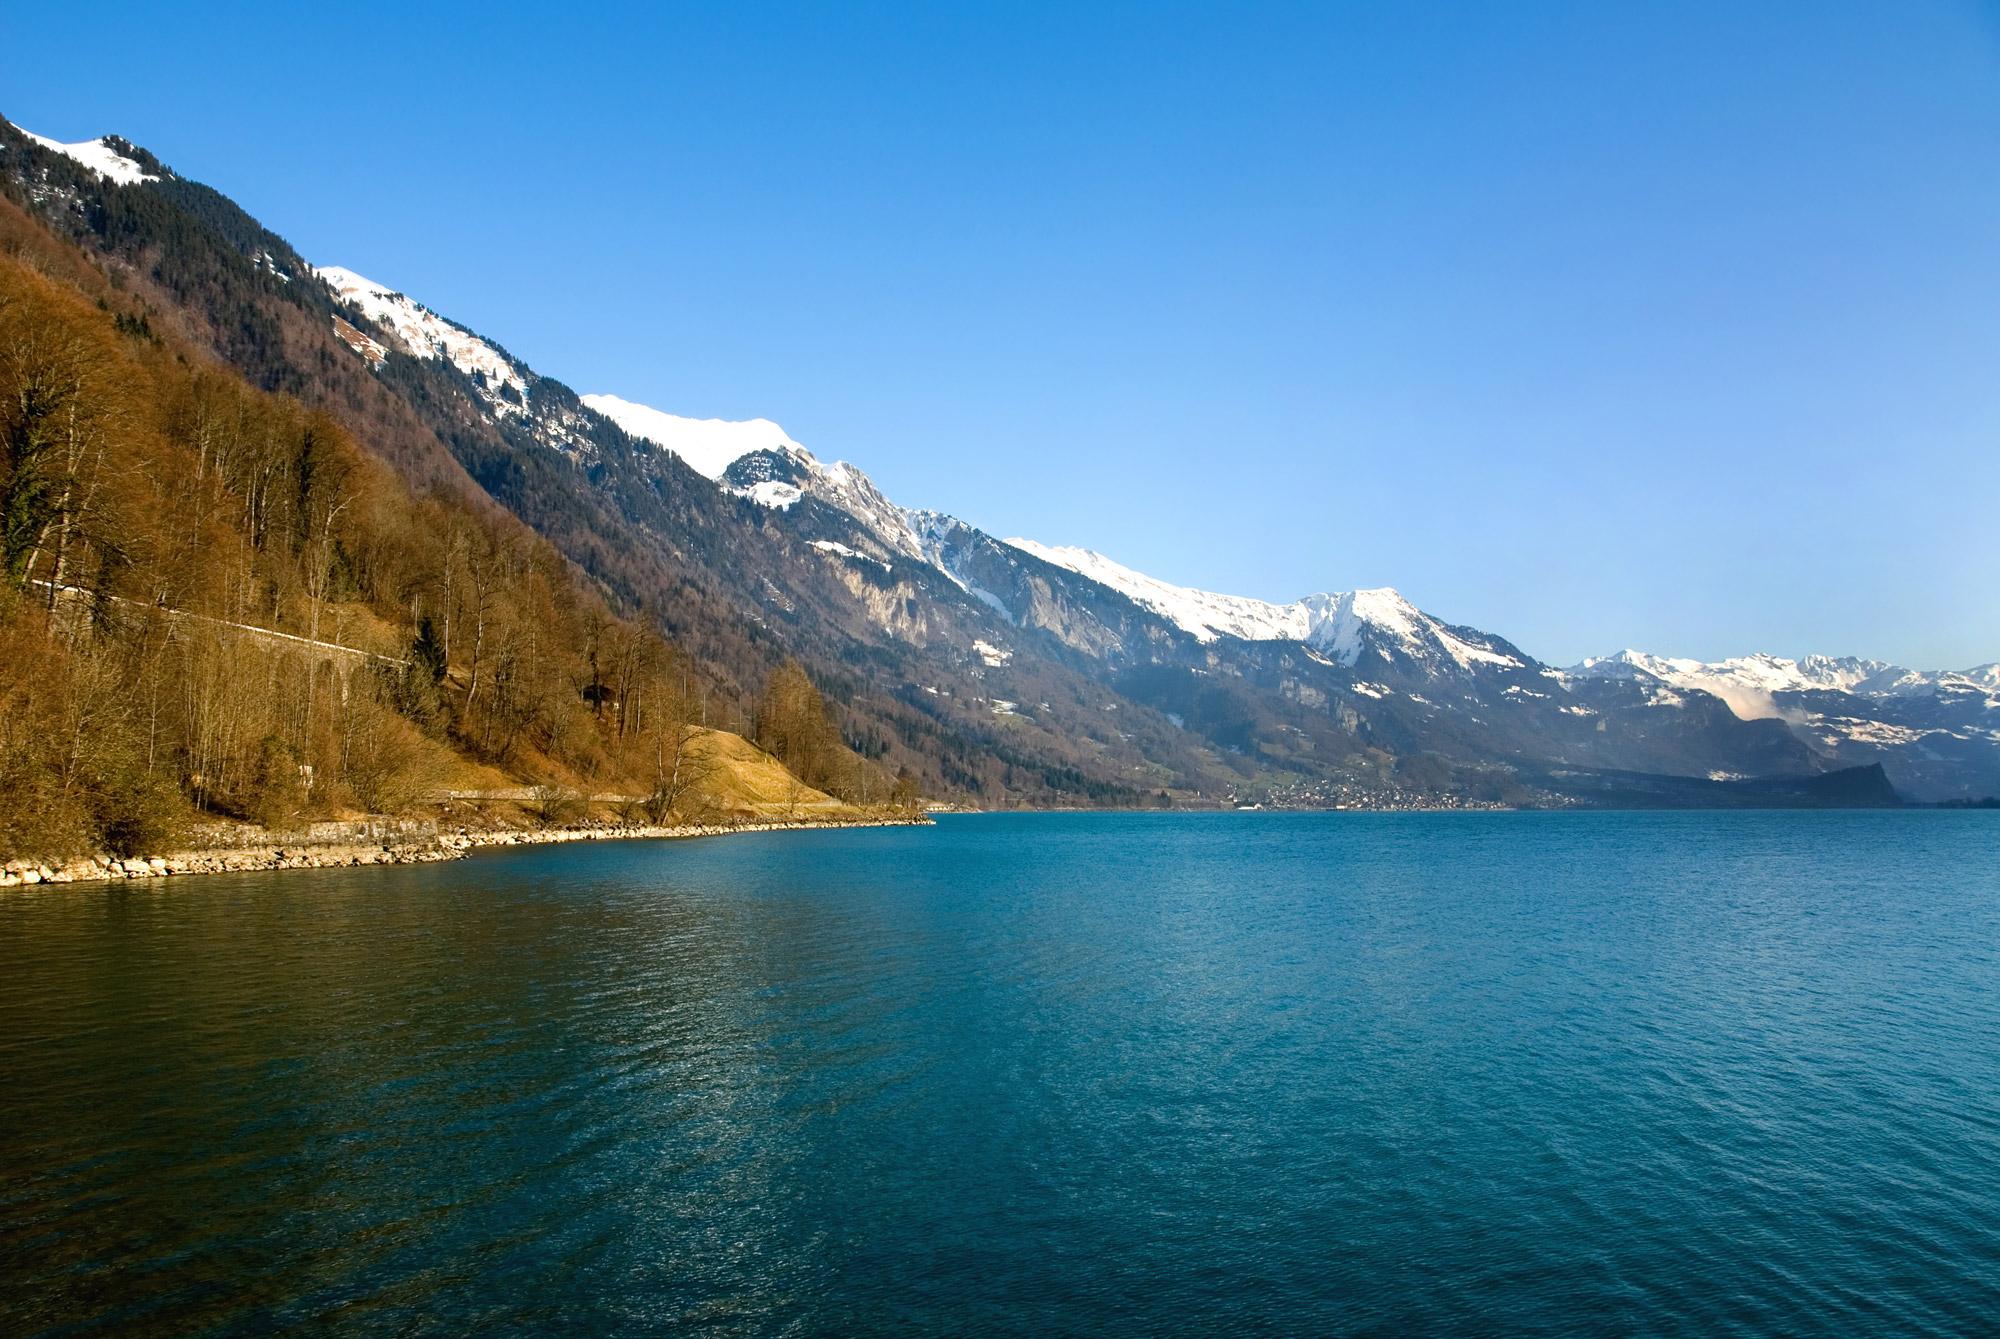 Paysage de montagne avec Lac Léman en contrebas